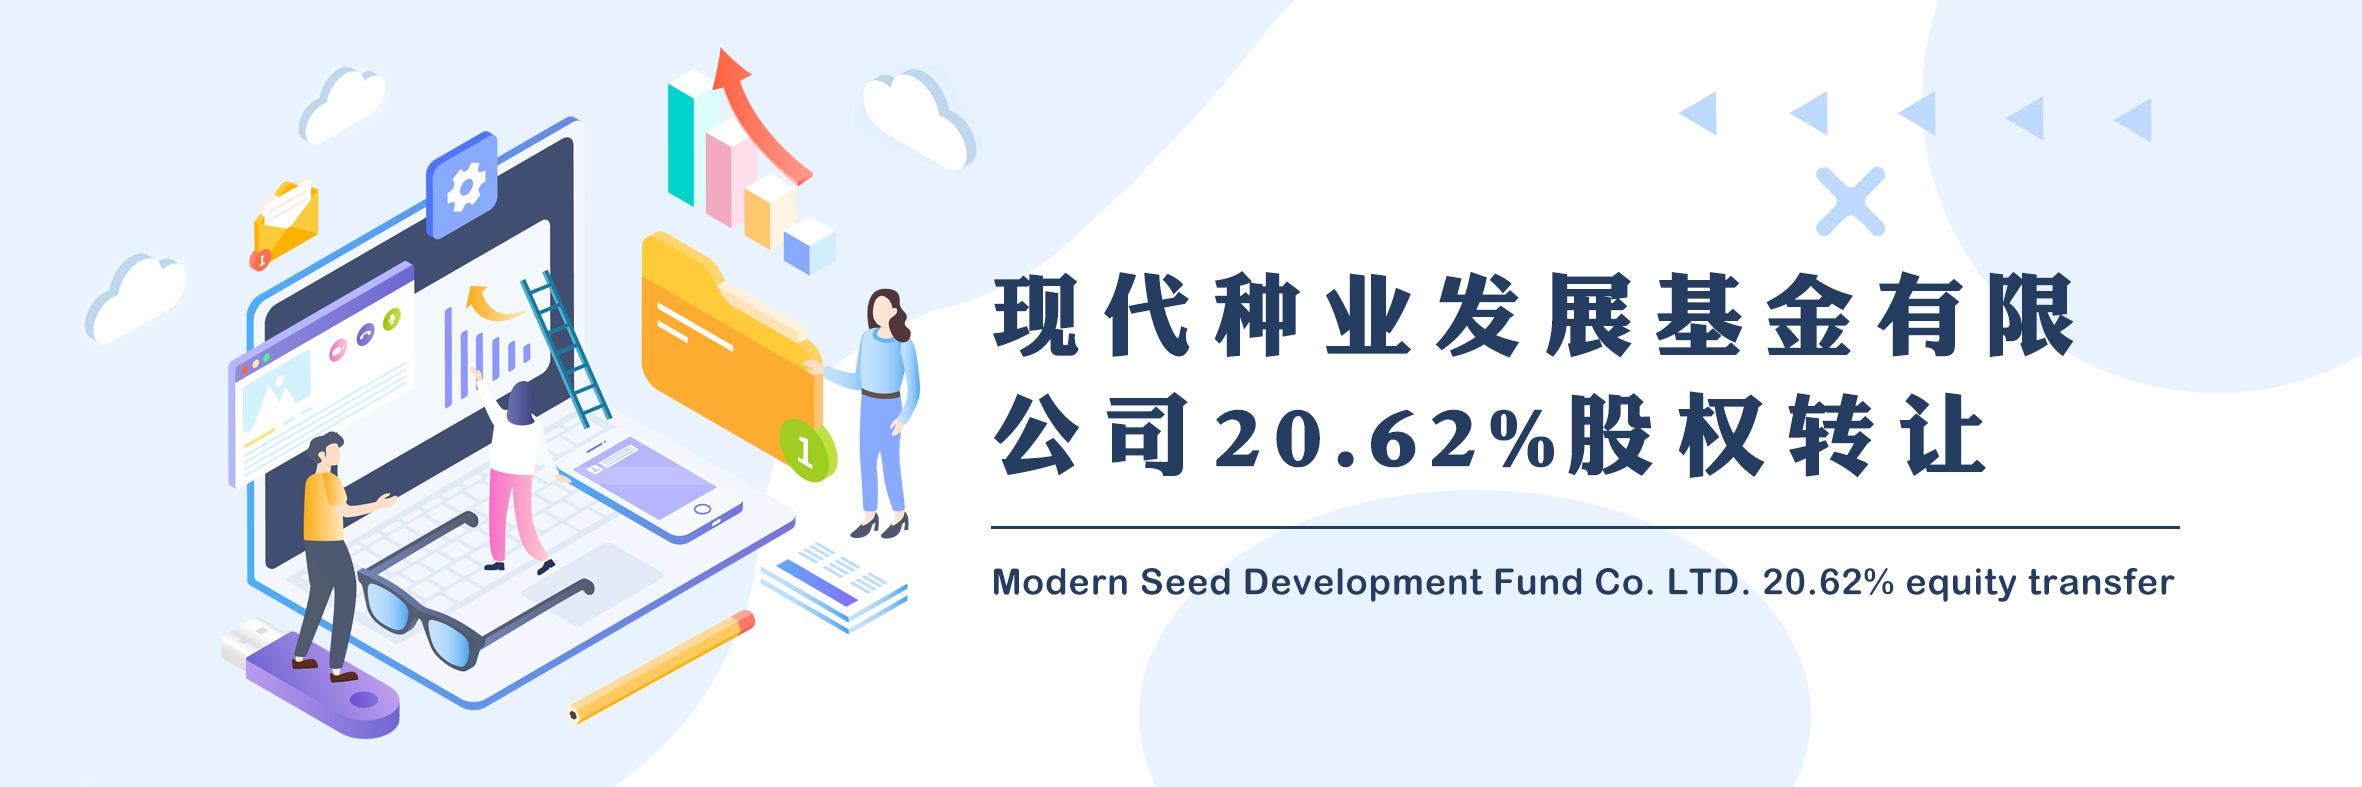 现代种业发展基金有限公司20.62%股权转让